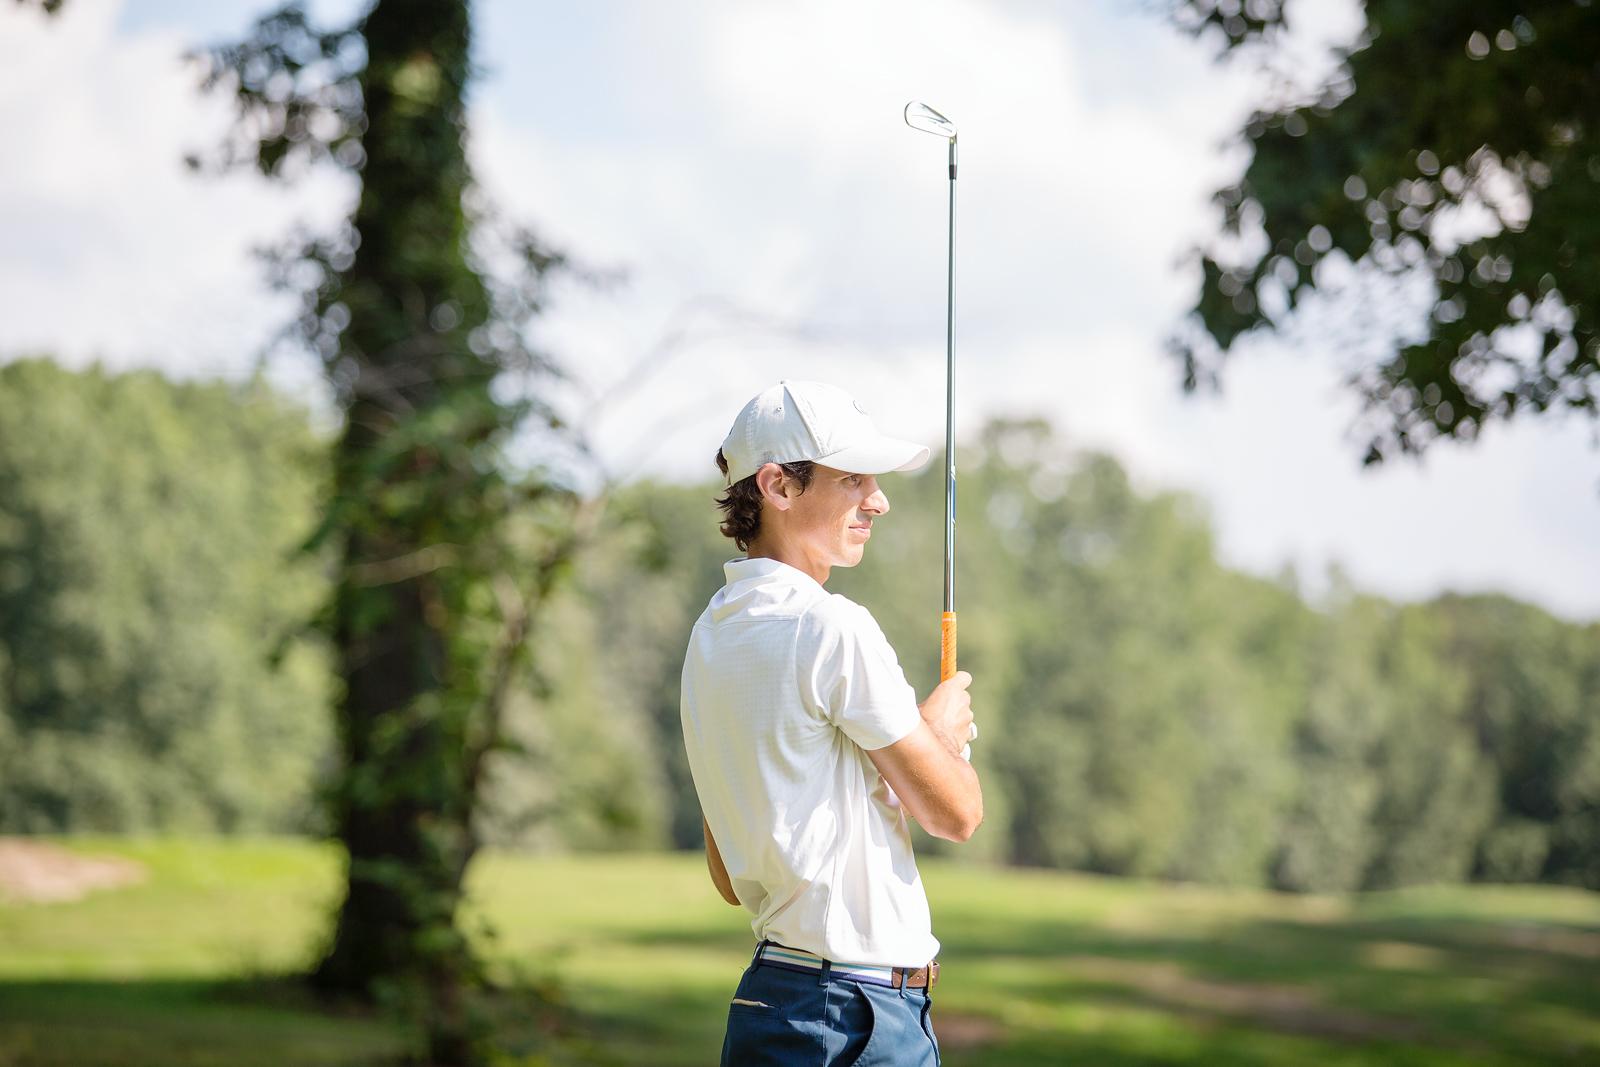 Stylish golf gear